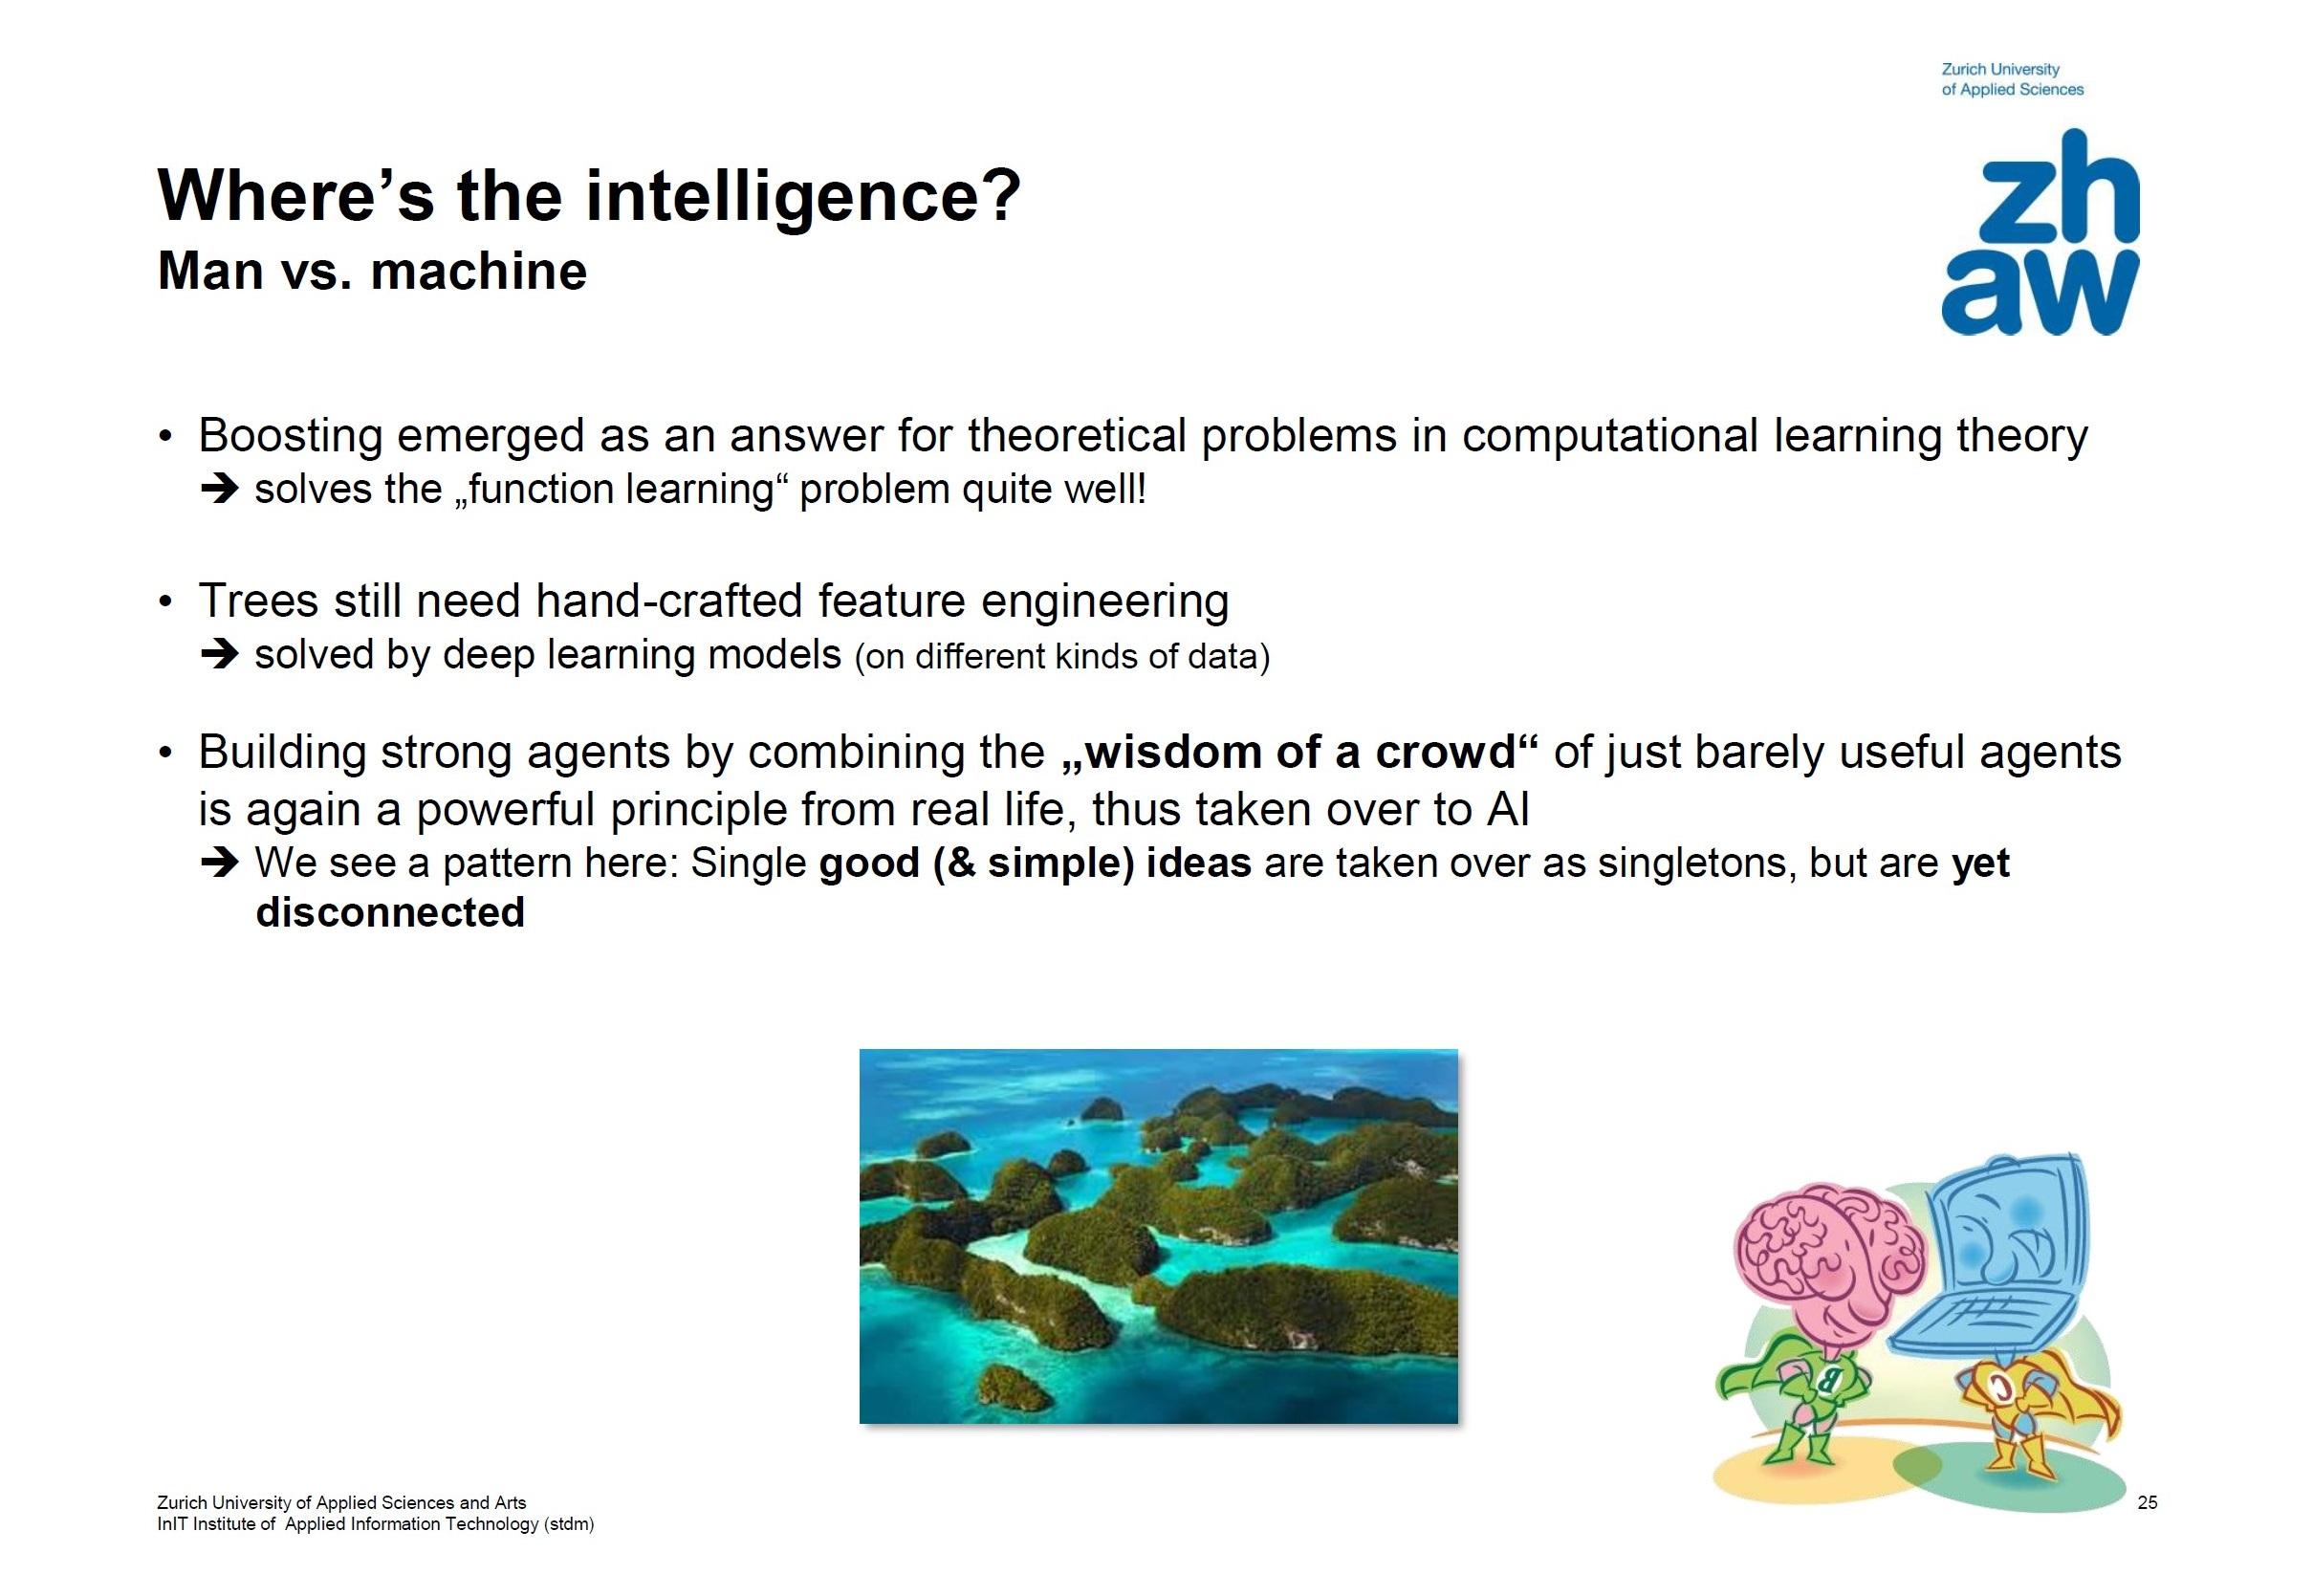 """Abbildung 1: Beispiel zum Abschnitt """"Where's the Intelligence?"""""""" aus den Vorlesungsunterlagen zu V09. Es greift sinnbildlich auch die diesem Lehrkonzept zugrundeliegende Idee der """"Landkarte"""" auf, indem es die KI Methodenlandschaft als Atoll disjunkter, aber benachbarter Inseln darstellt."""